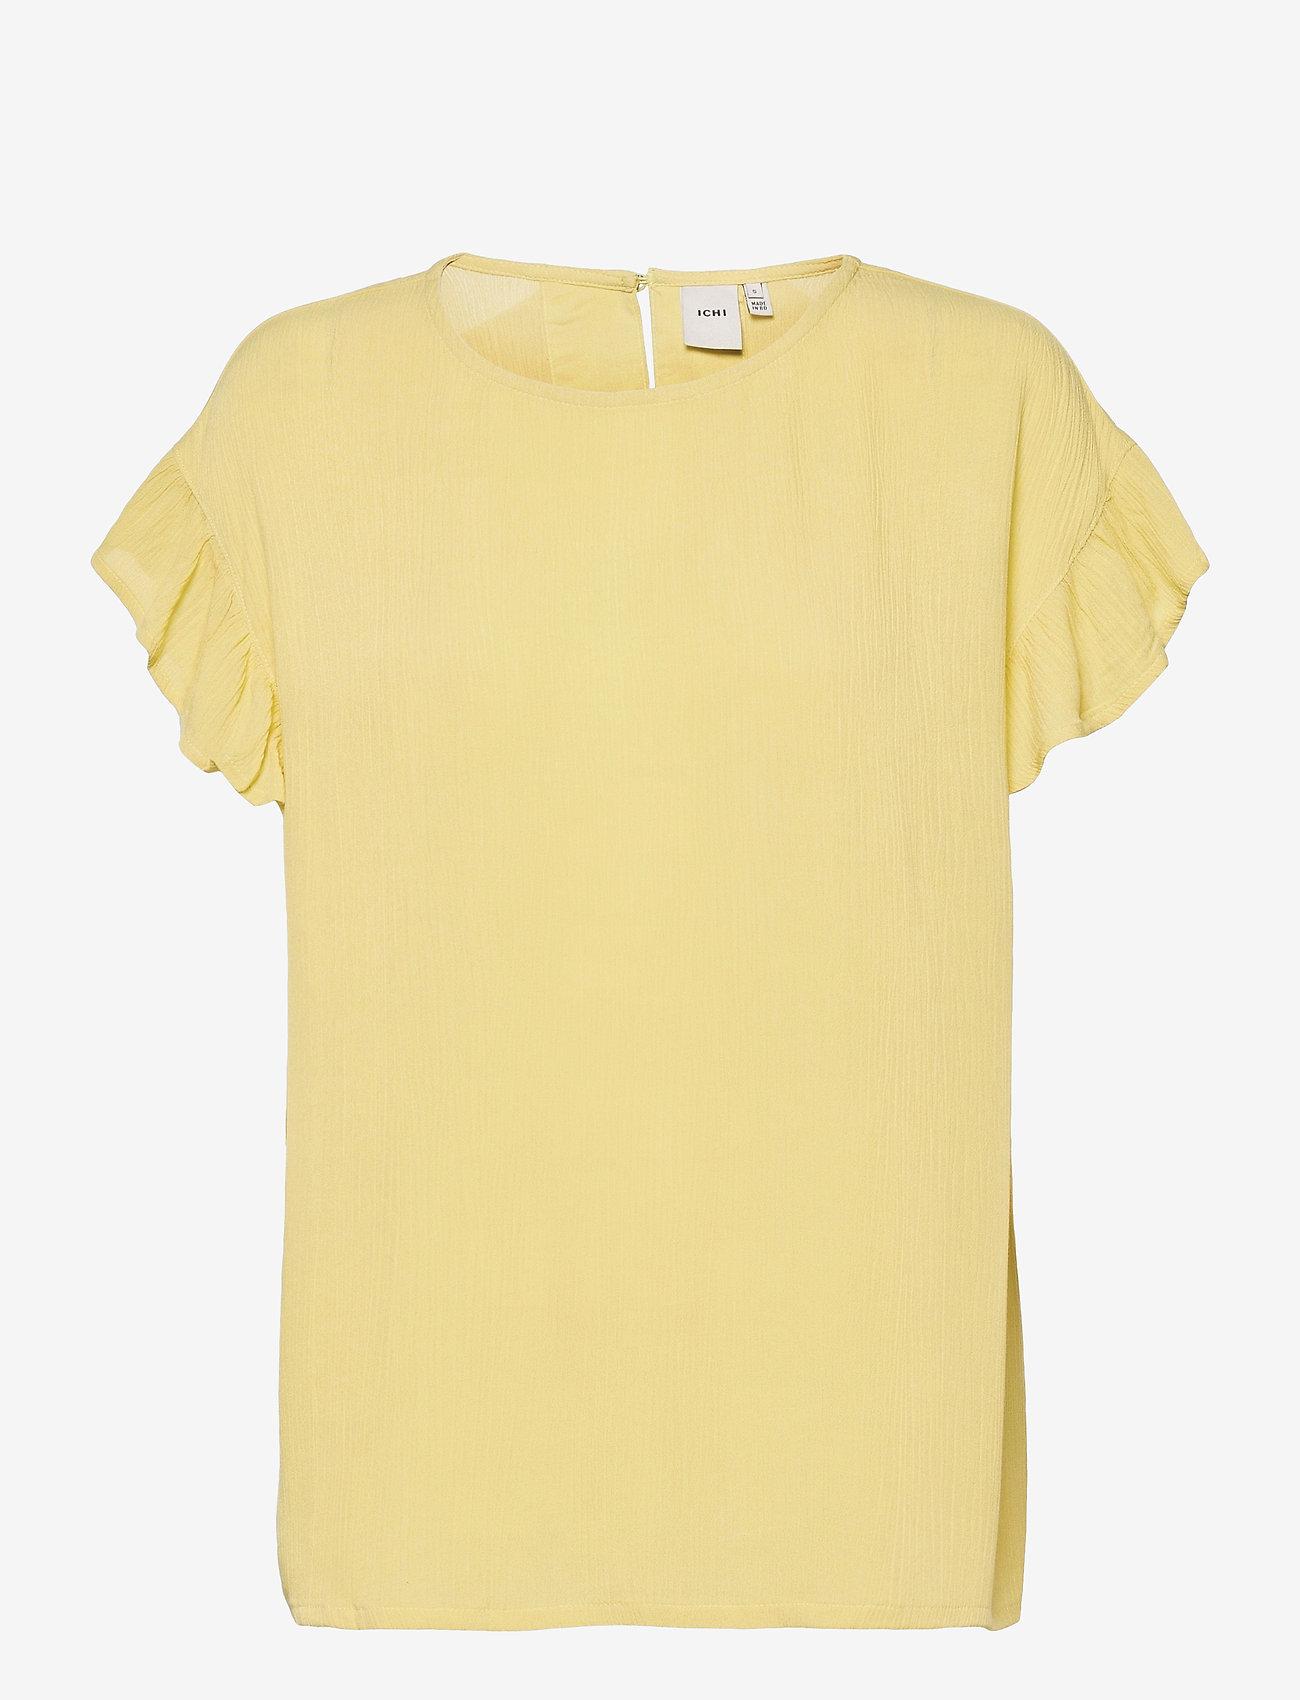 ICHI - IHMARRAKECH SO SS4 - short-sleeved blouses - golden mist - 0